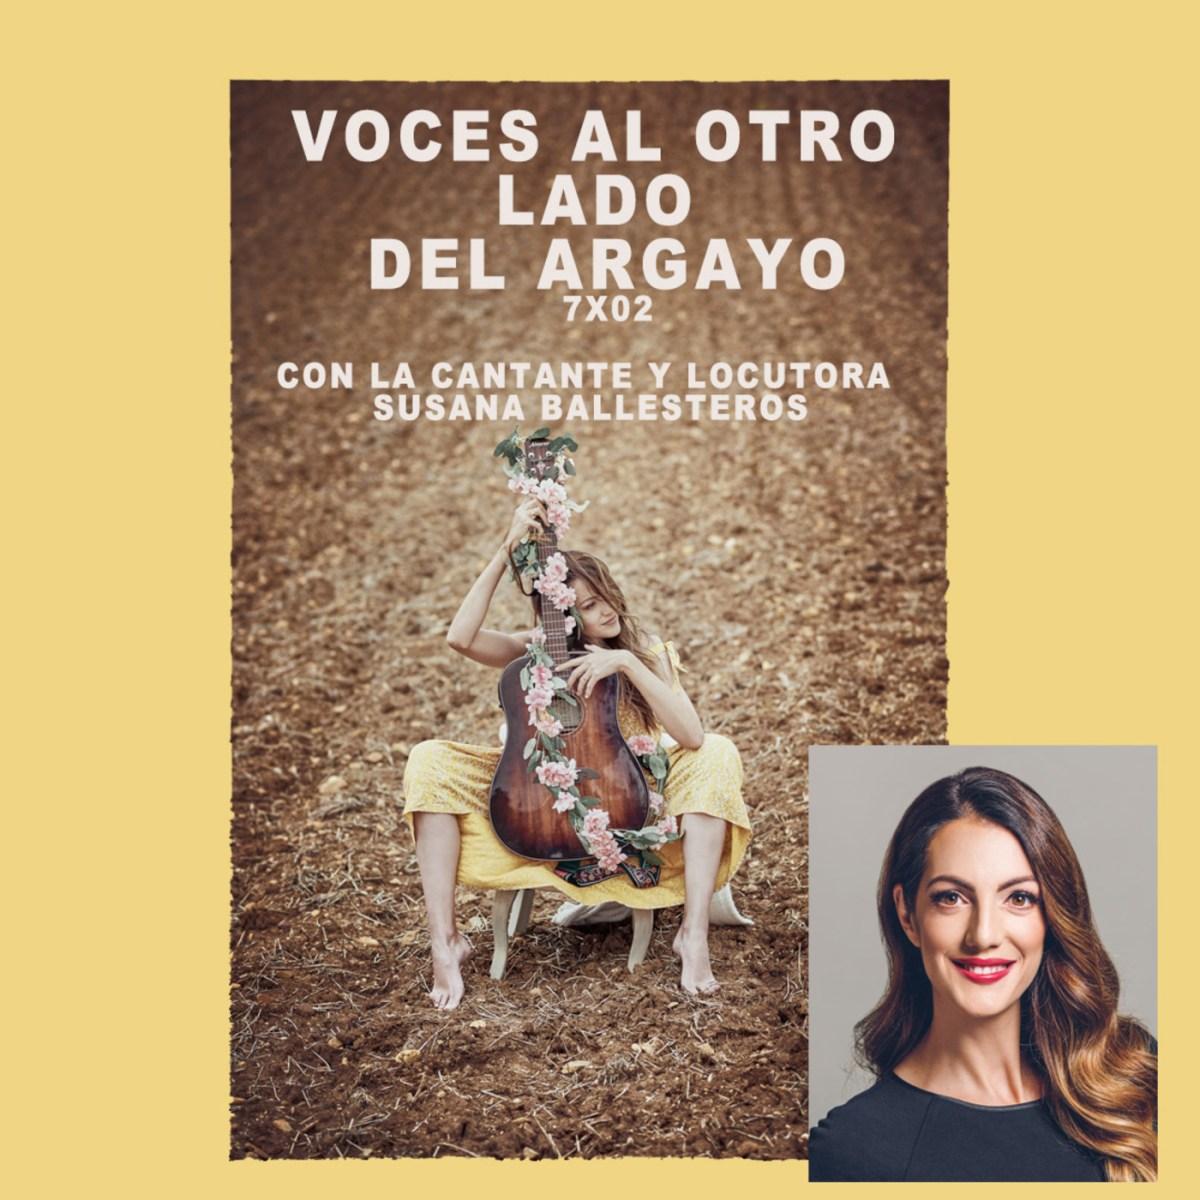 07×02. Explorando Acentos. Charla con Susana Ballesteros, cantante y locutora en L.A.